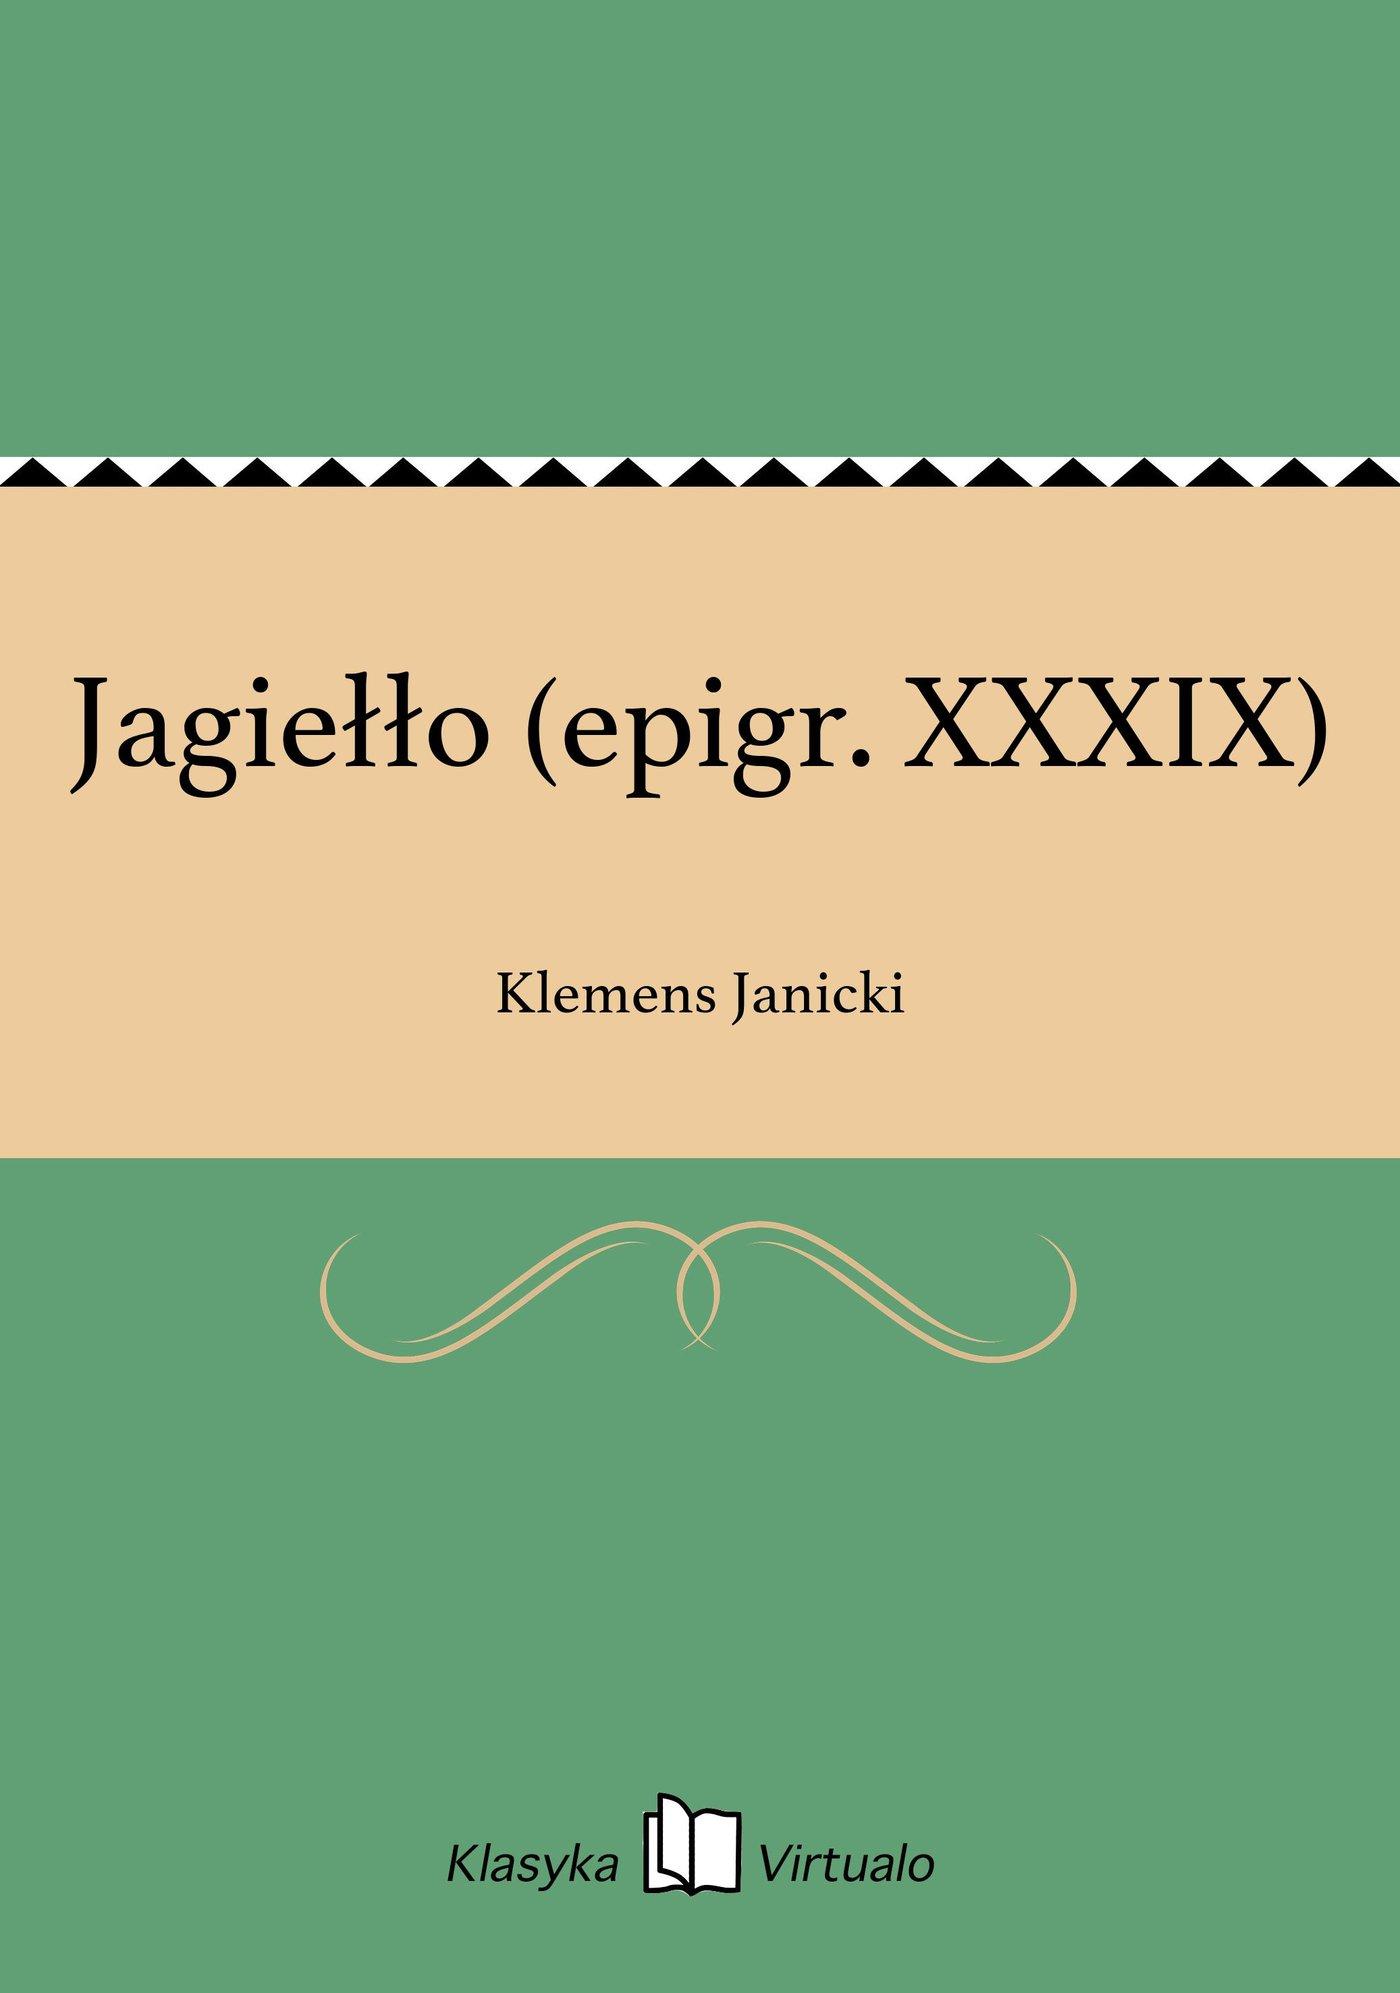 Jagiełło (epigr. XXXIX) - Ebook (Książka EPUB) do pobrania w formacie EPUB